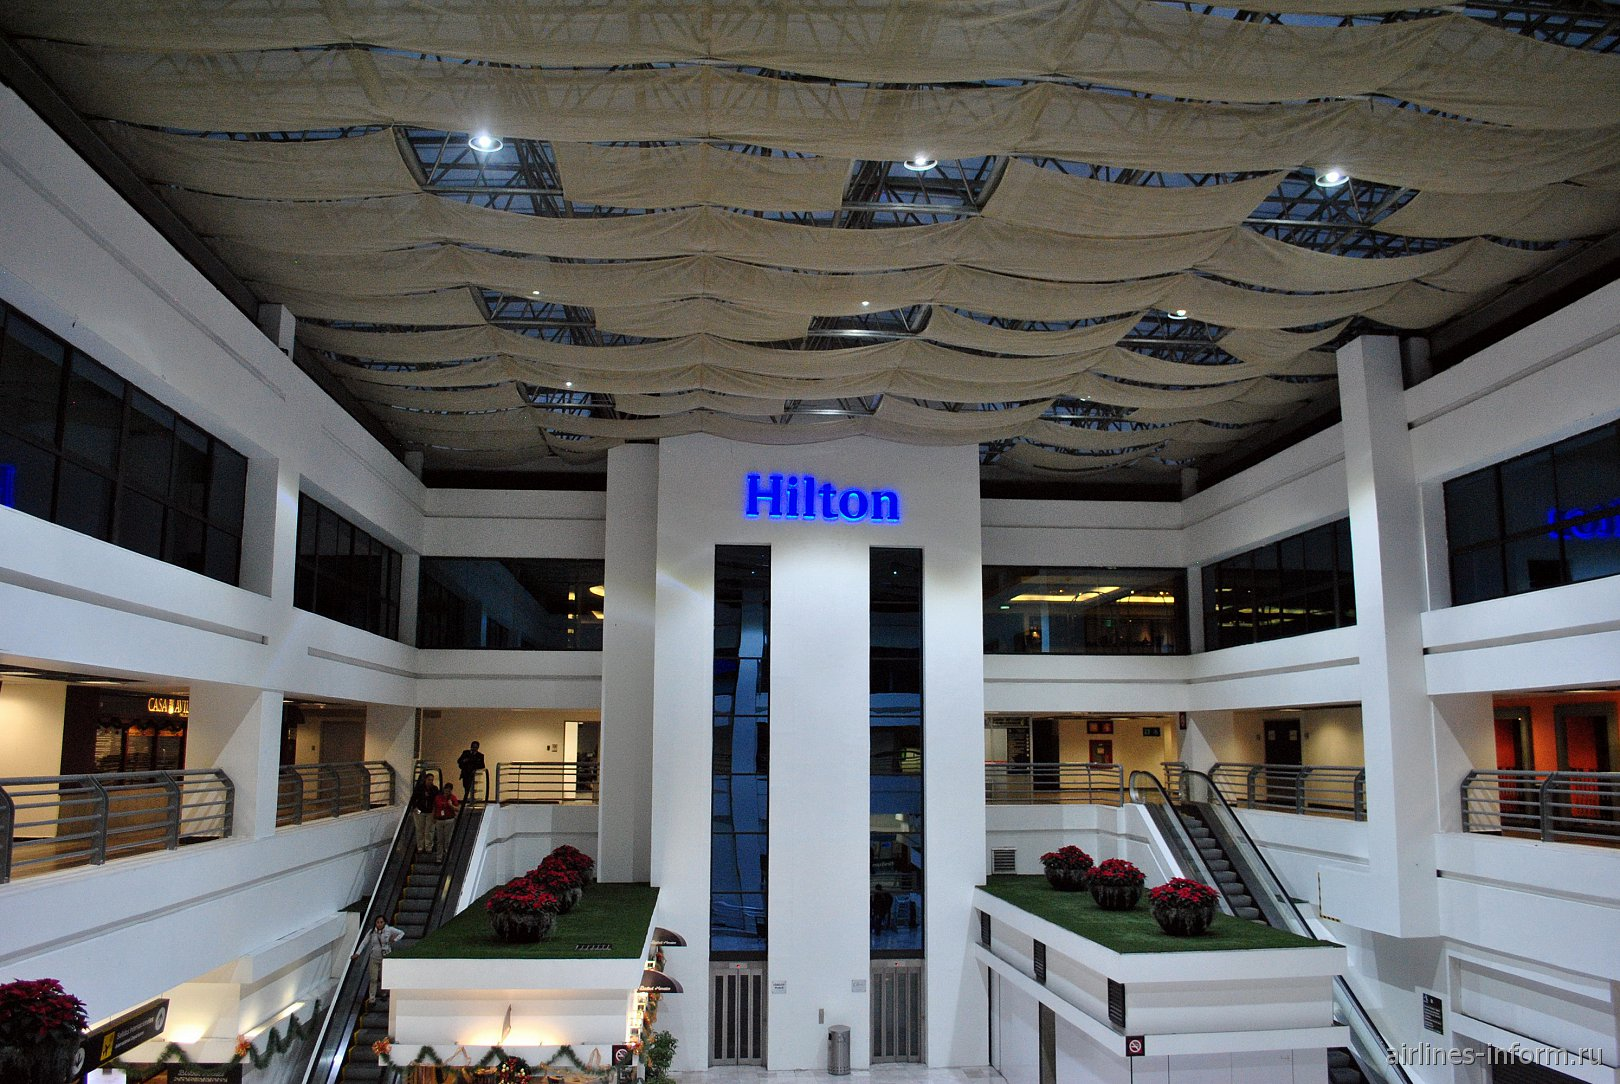 Вход в отель Hilton в терминале Т1 аэропорта Мехико Бенито Хуарес